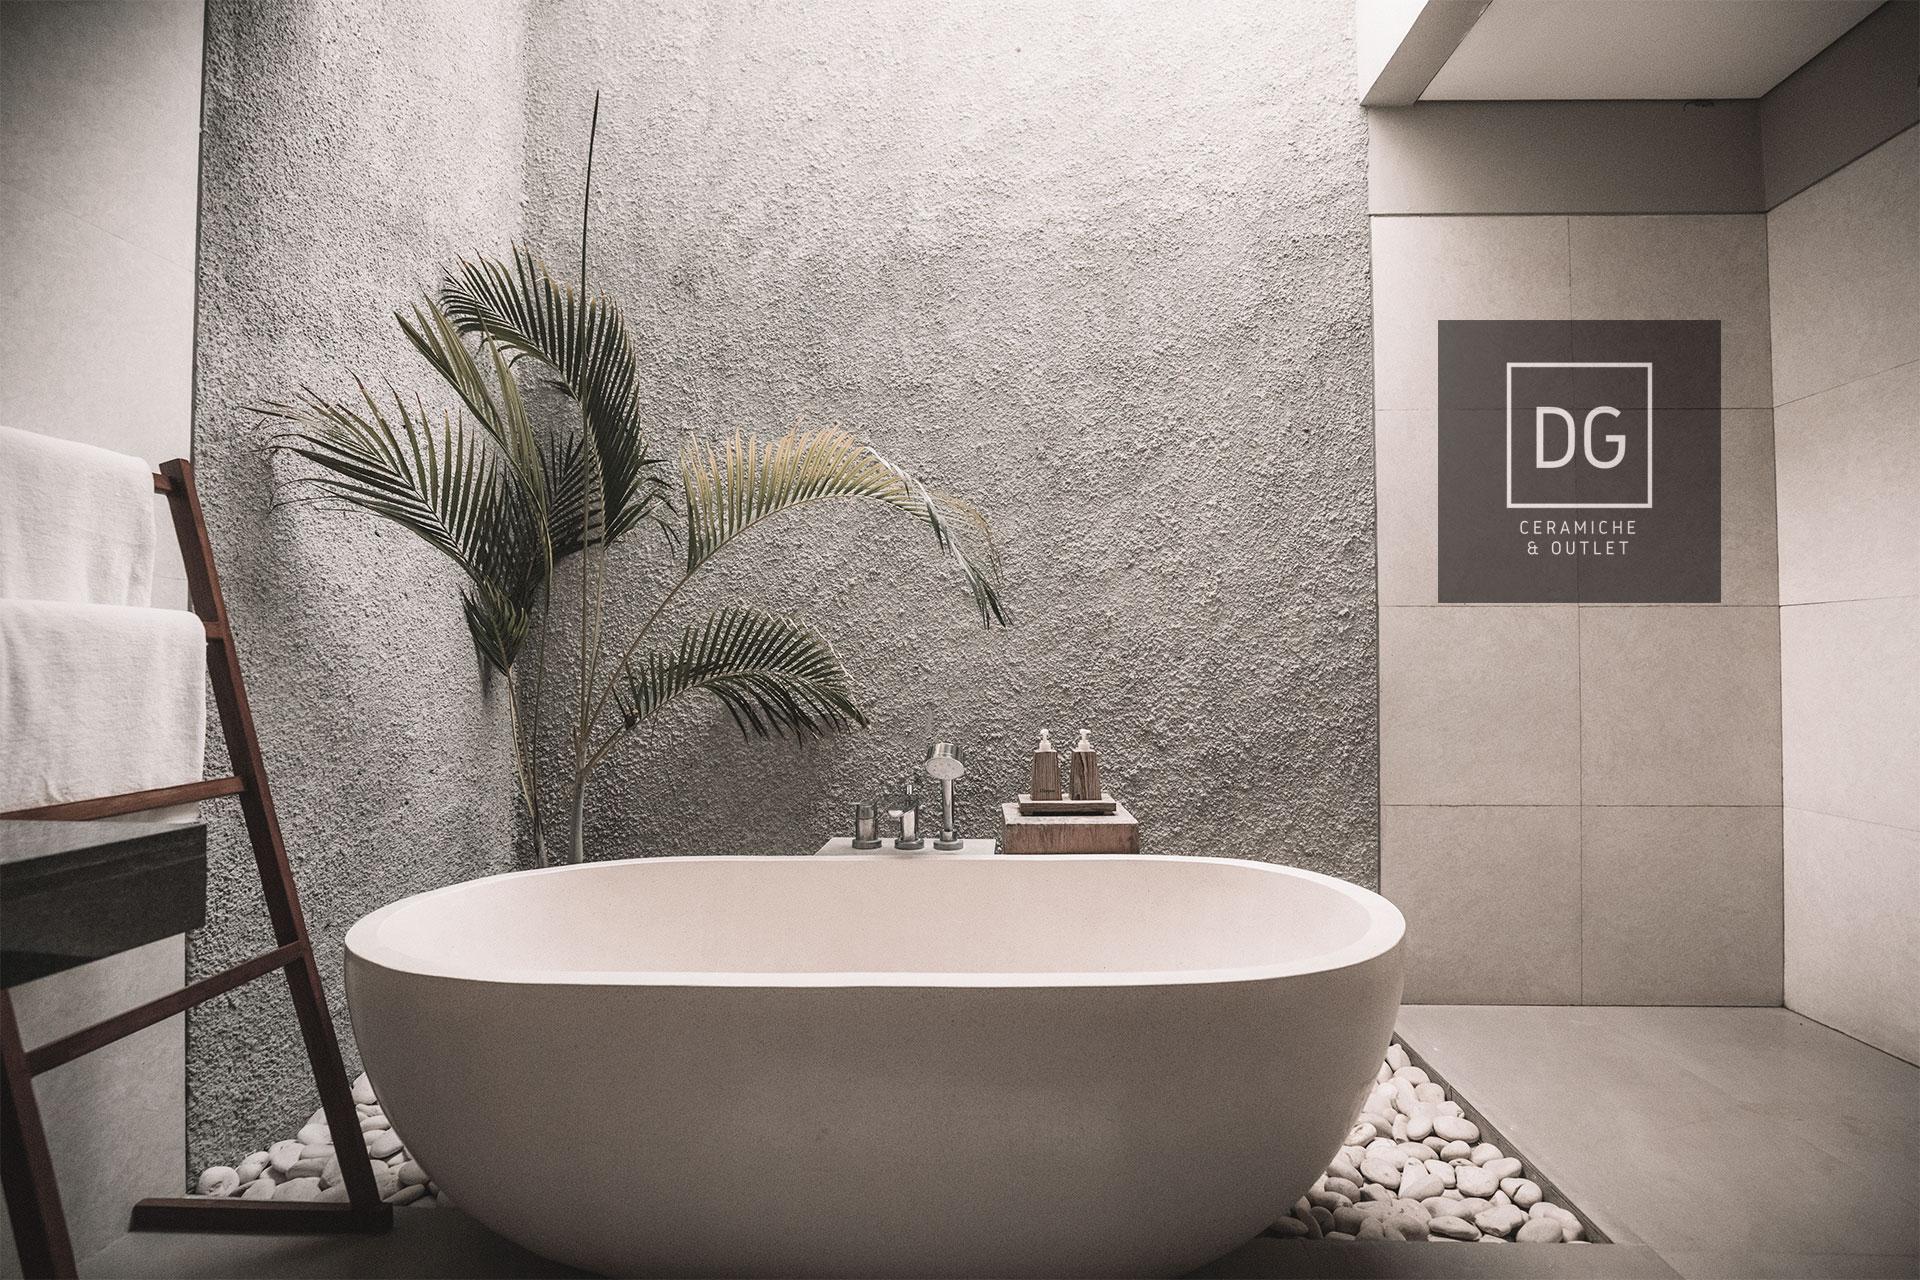 Dg ceramiche outlet i migliori nell arredo bagno ad ancona